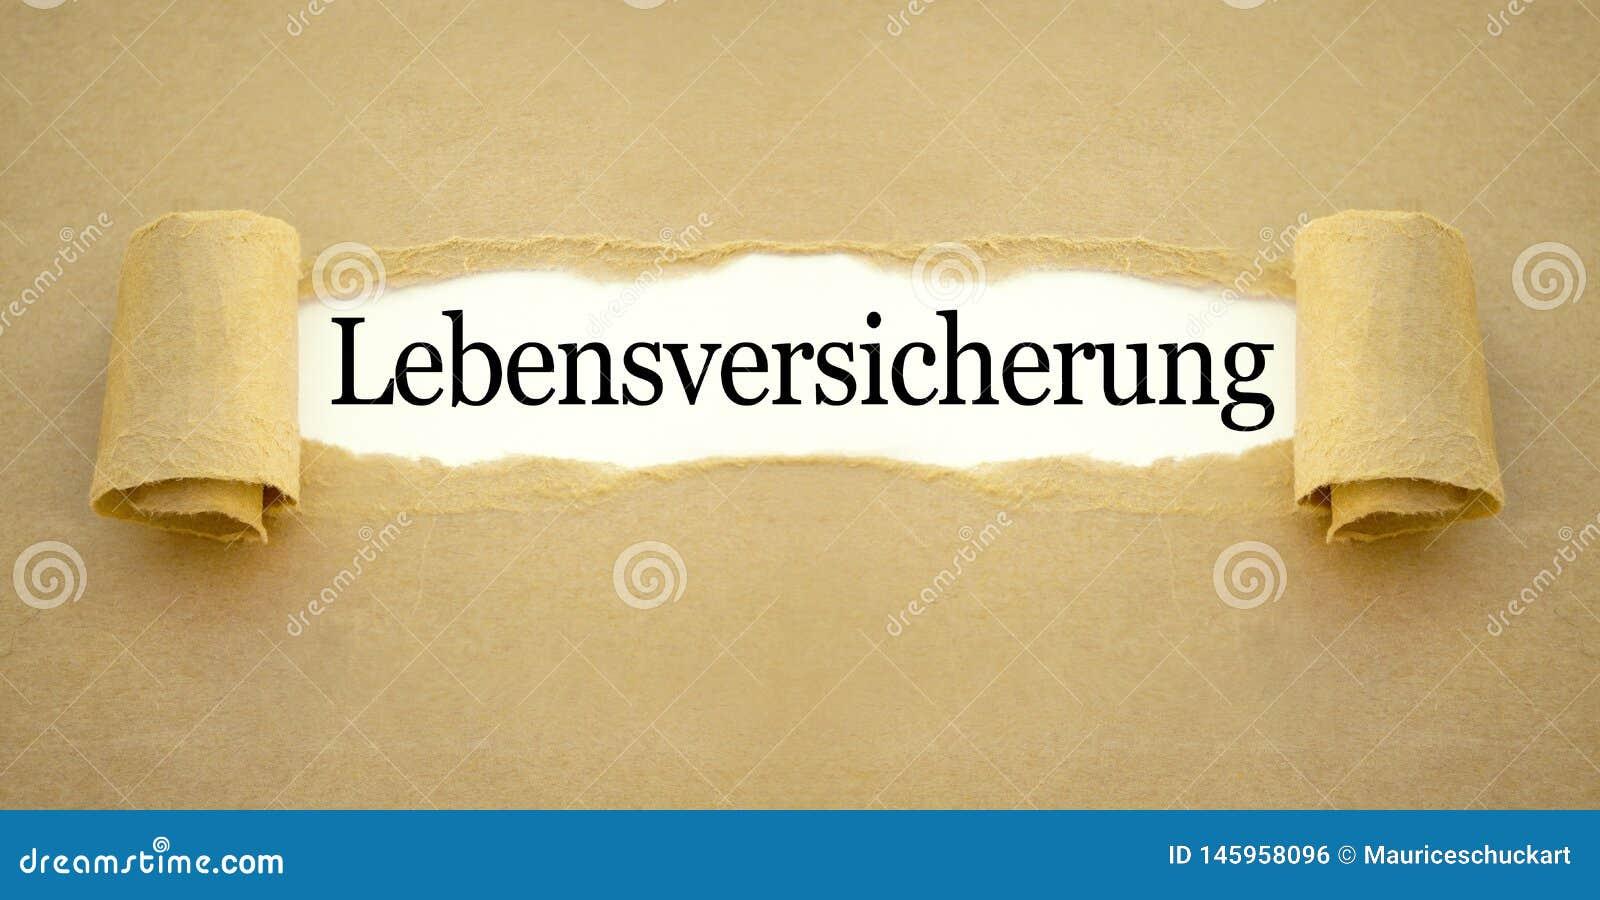 Schreibarbeit mit dem deutschen Wort für Lebensversicherungspolice - Lebensversicherung